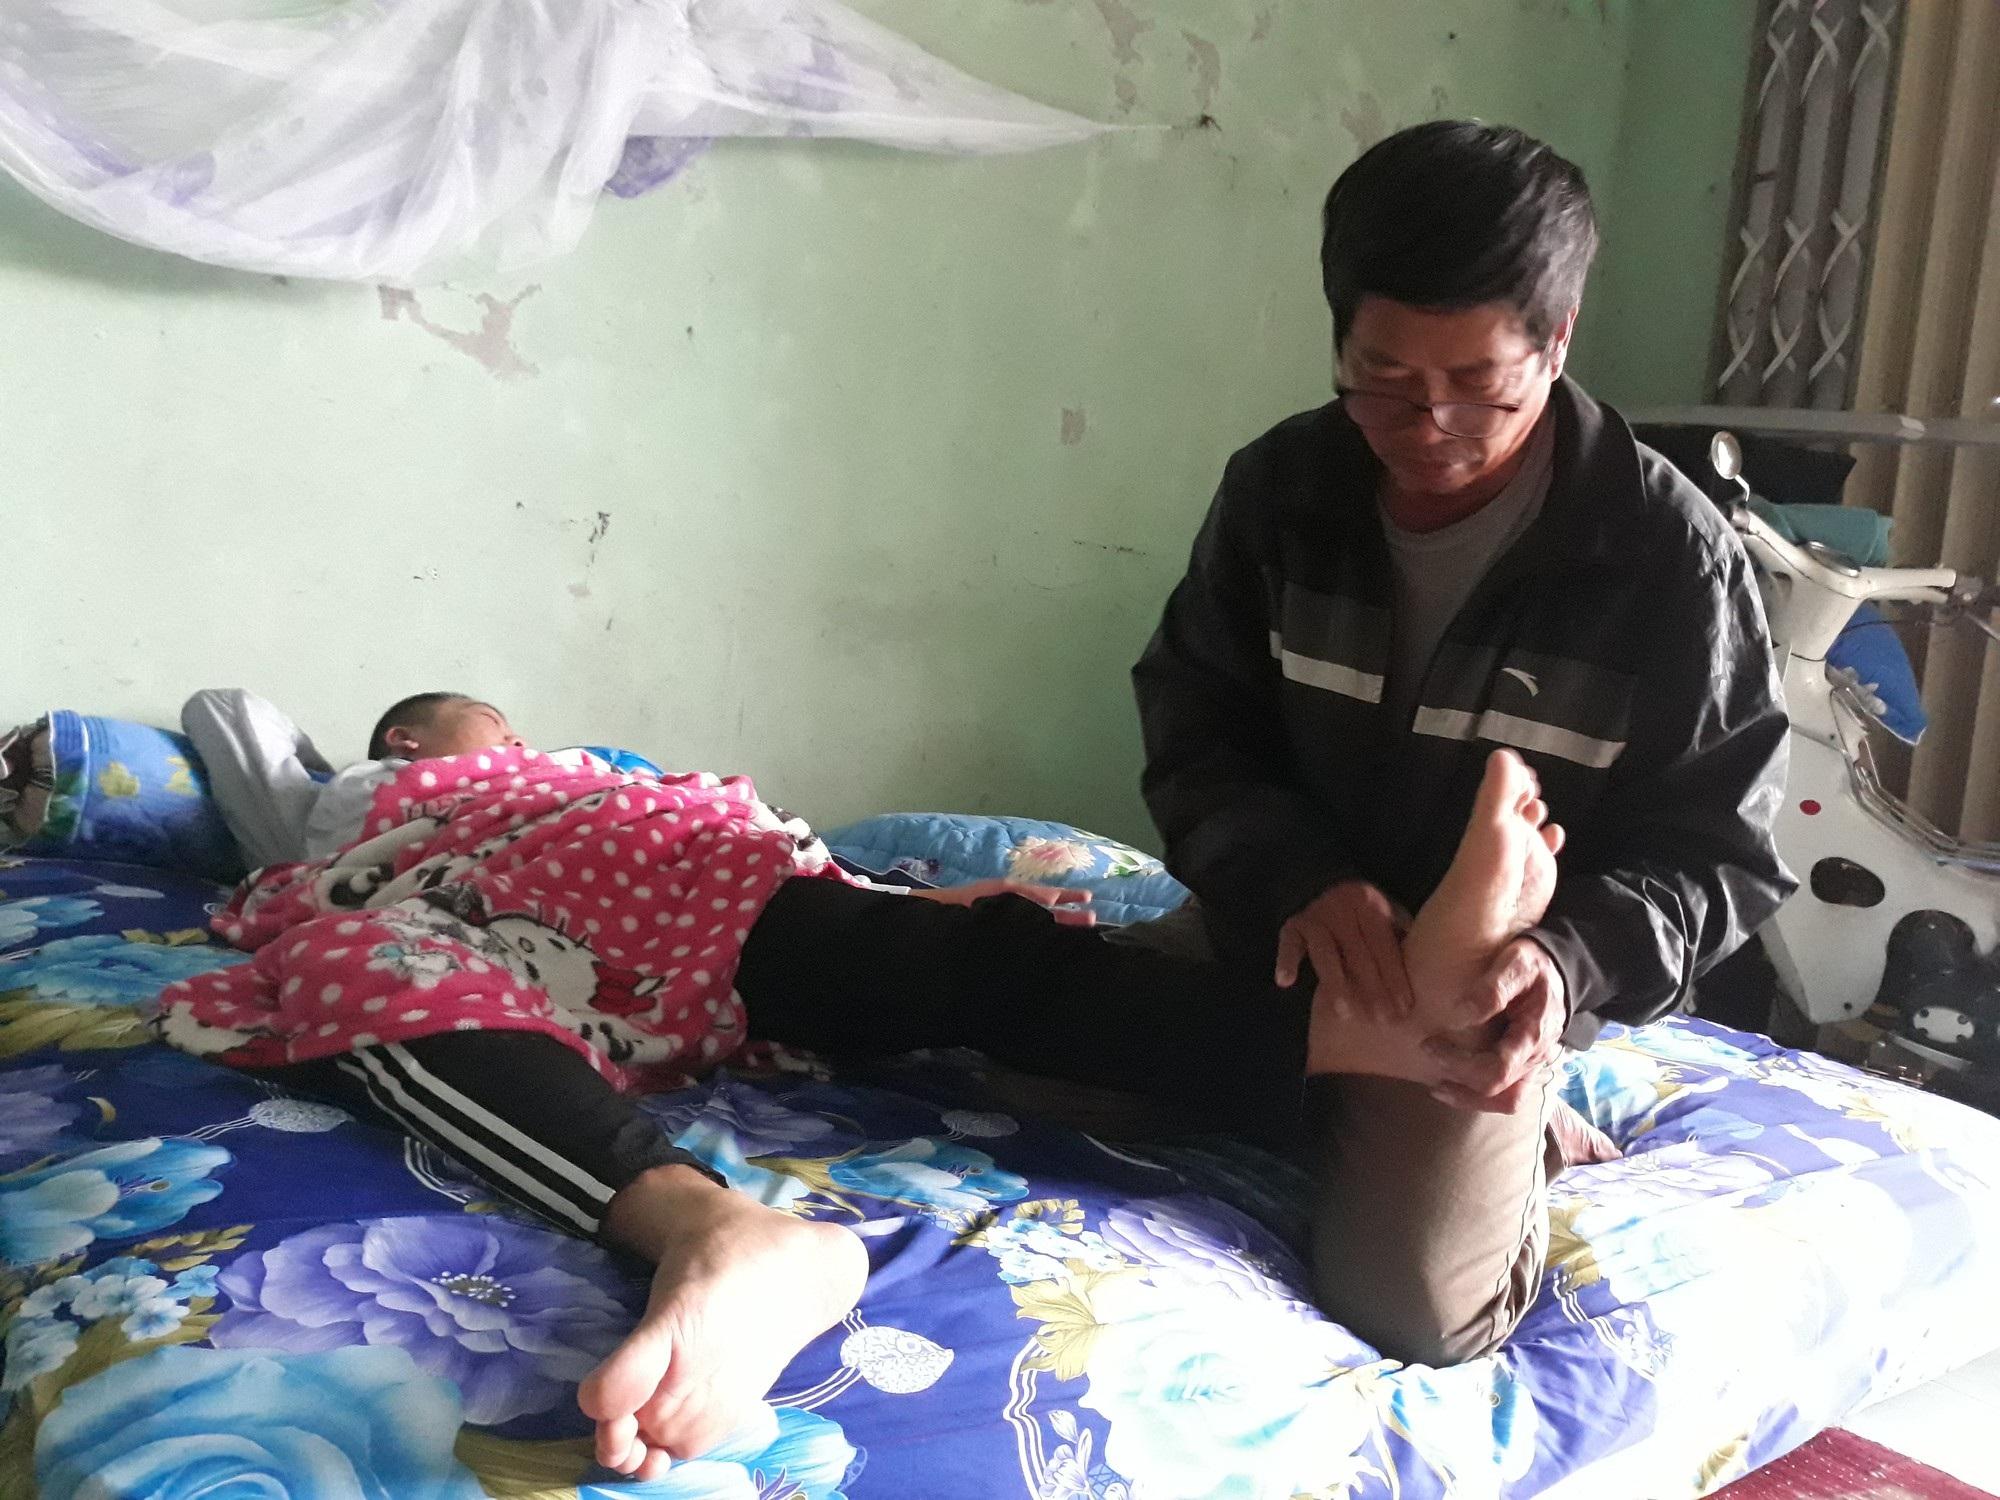 Thương cha già vất vả nuôi con trai bị lao màng não nằm liệt giường - Ảnh 5.